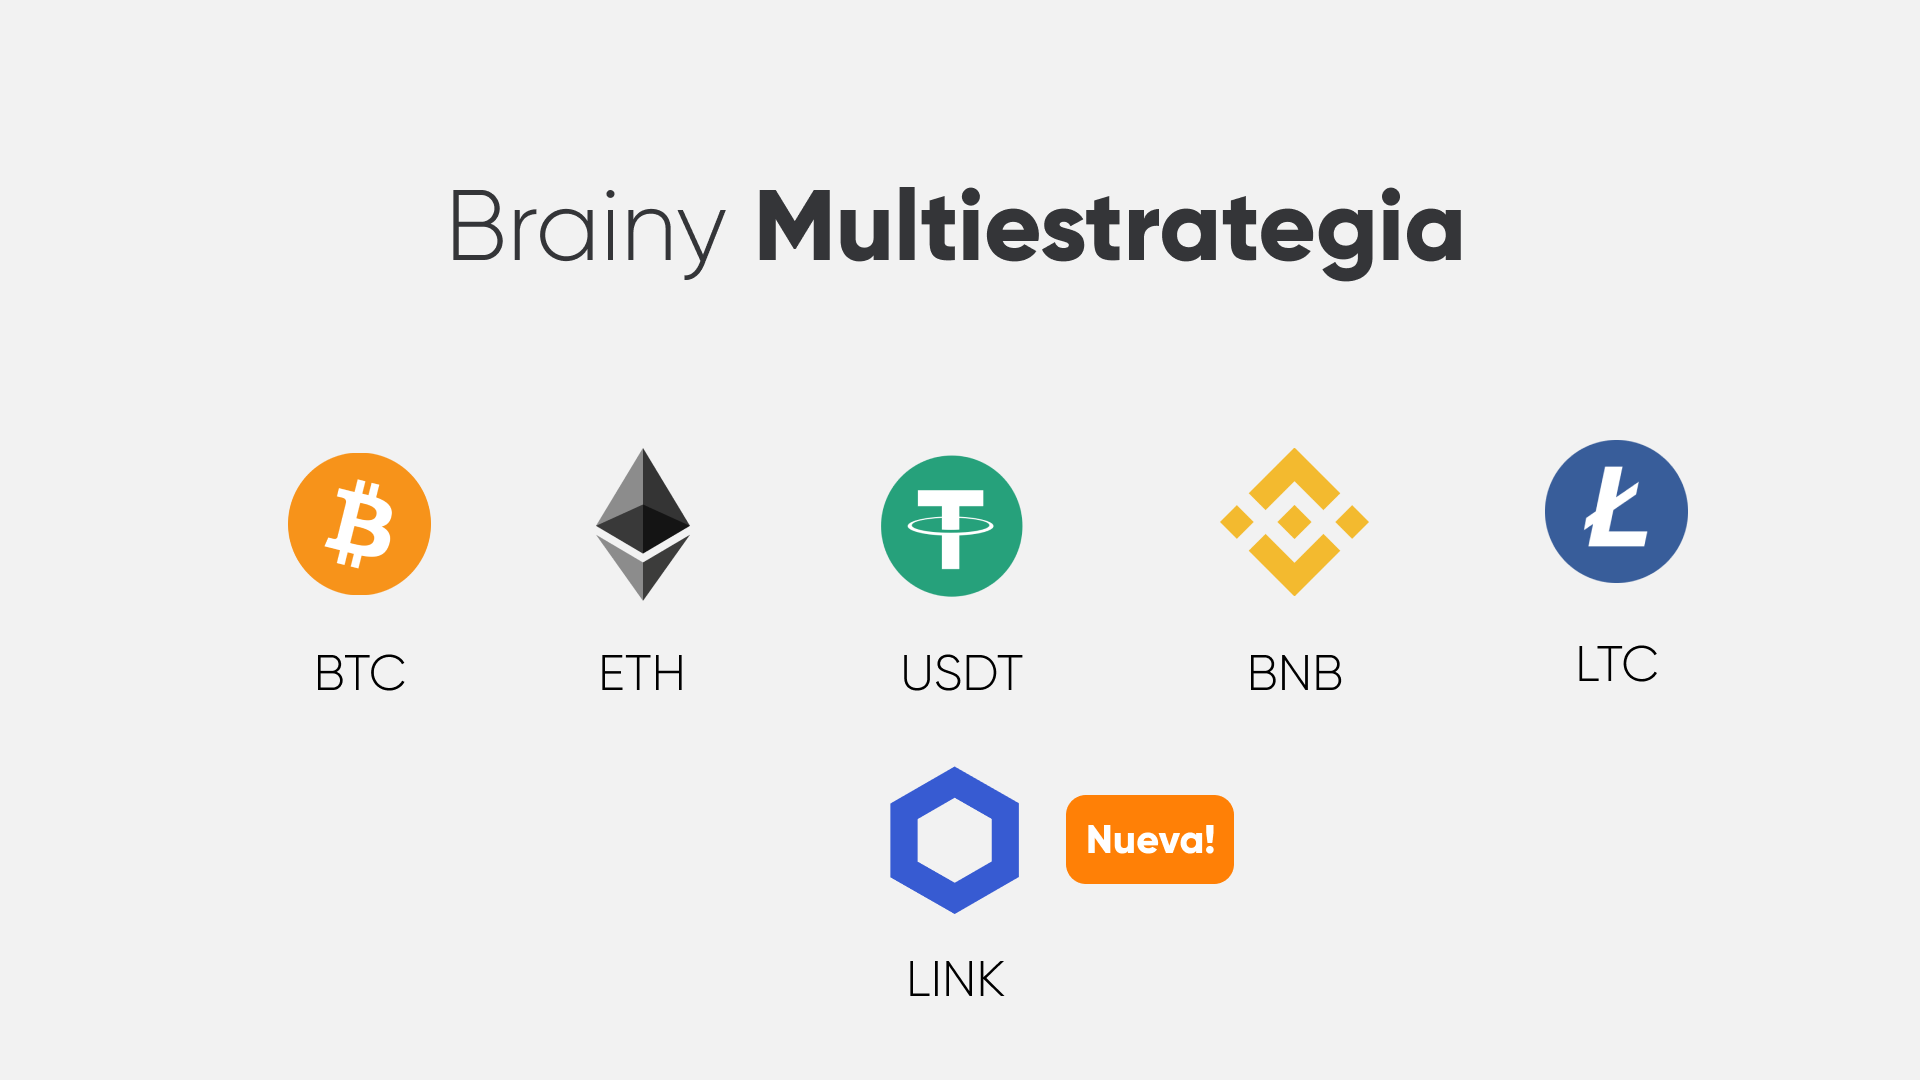 ¿Por qué sumamos Link a nuestra estrategia de inversión?